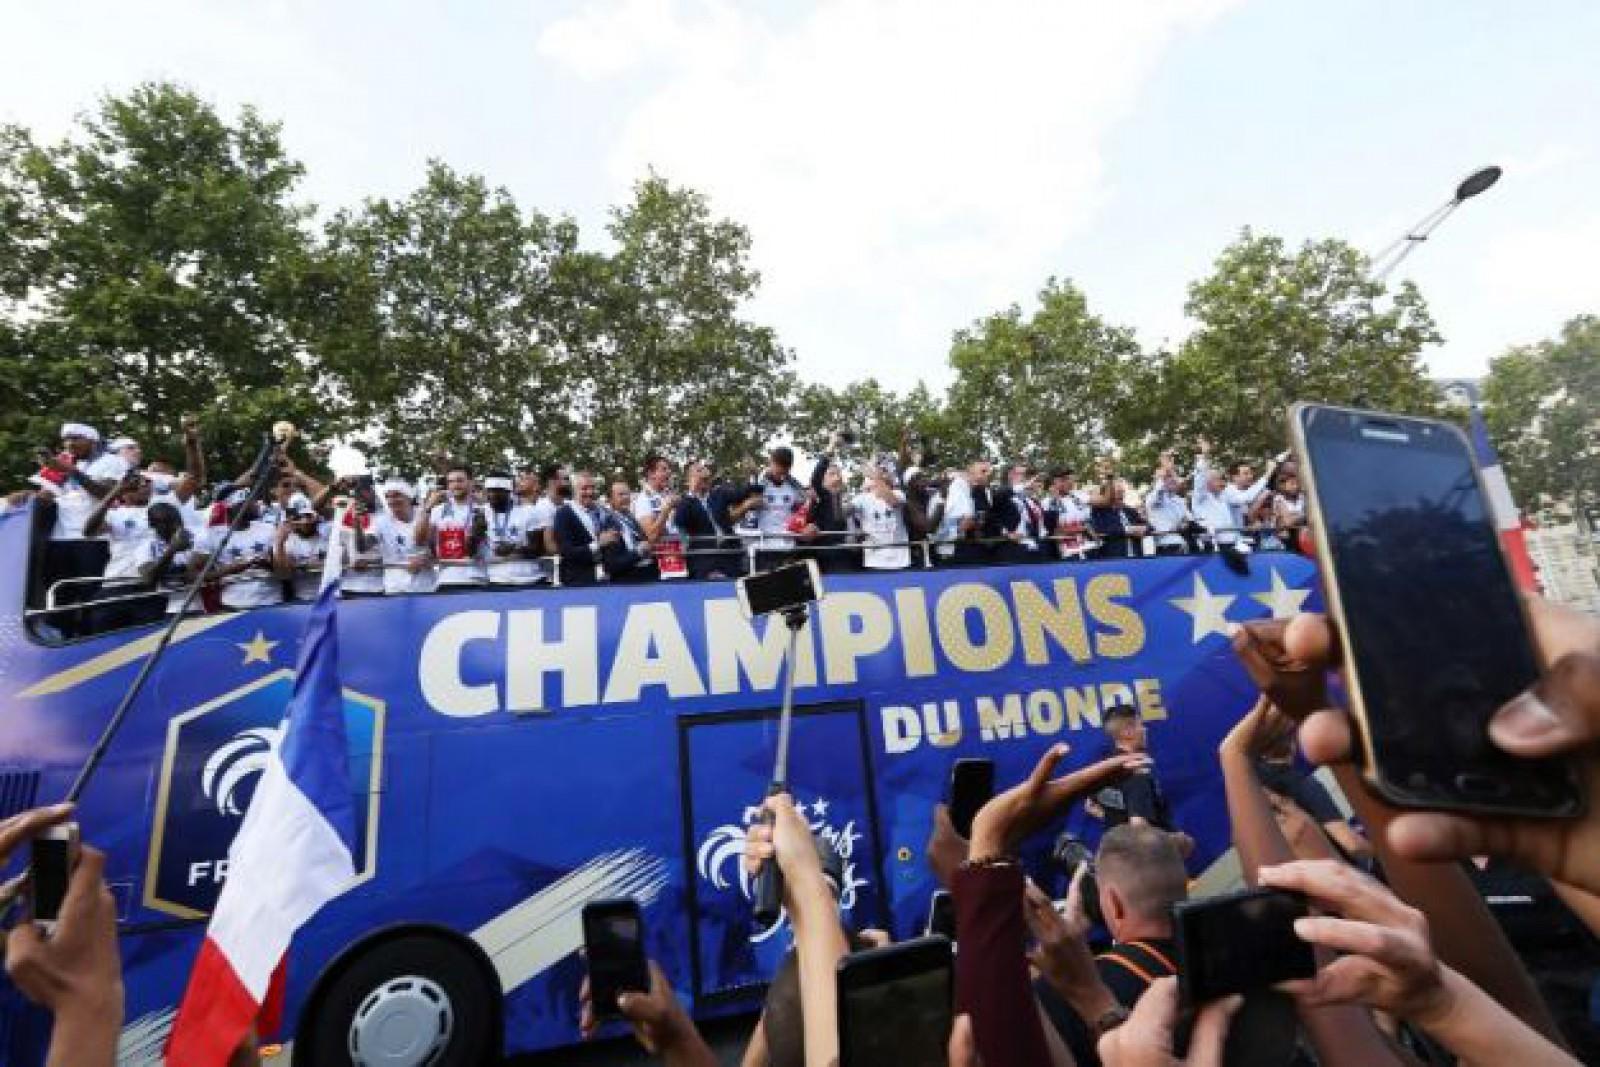 (foto/video) Campionii mondiali s-au întors acasă. Fotbaliştii francezi au fost primiţi ca nişte eroi